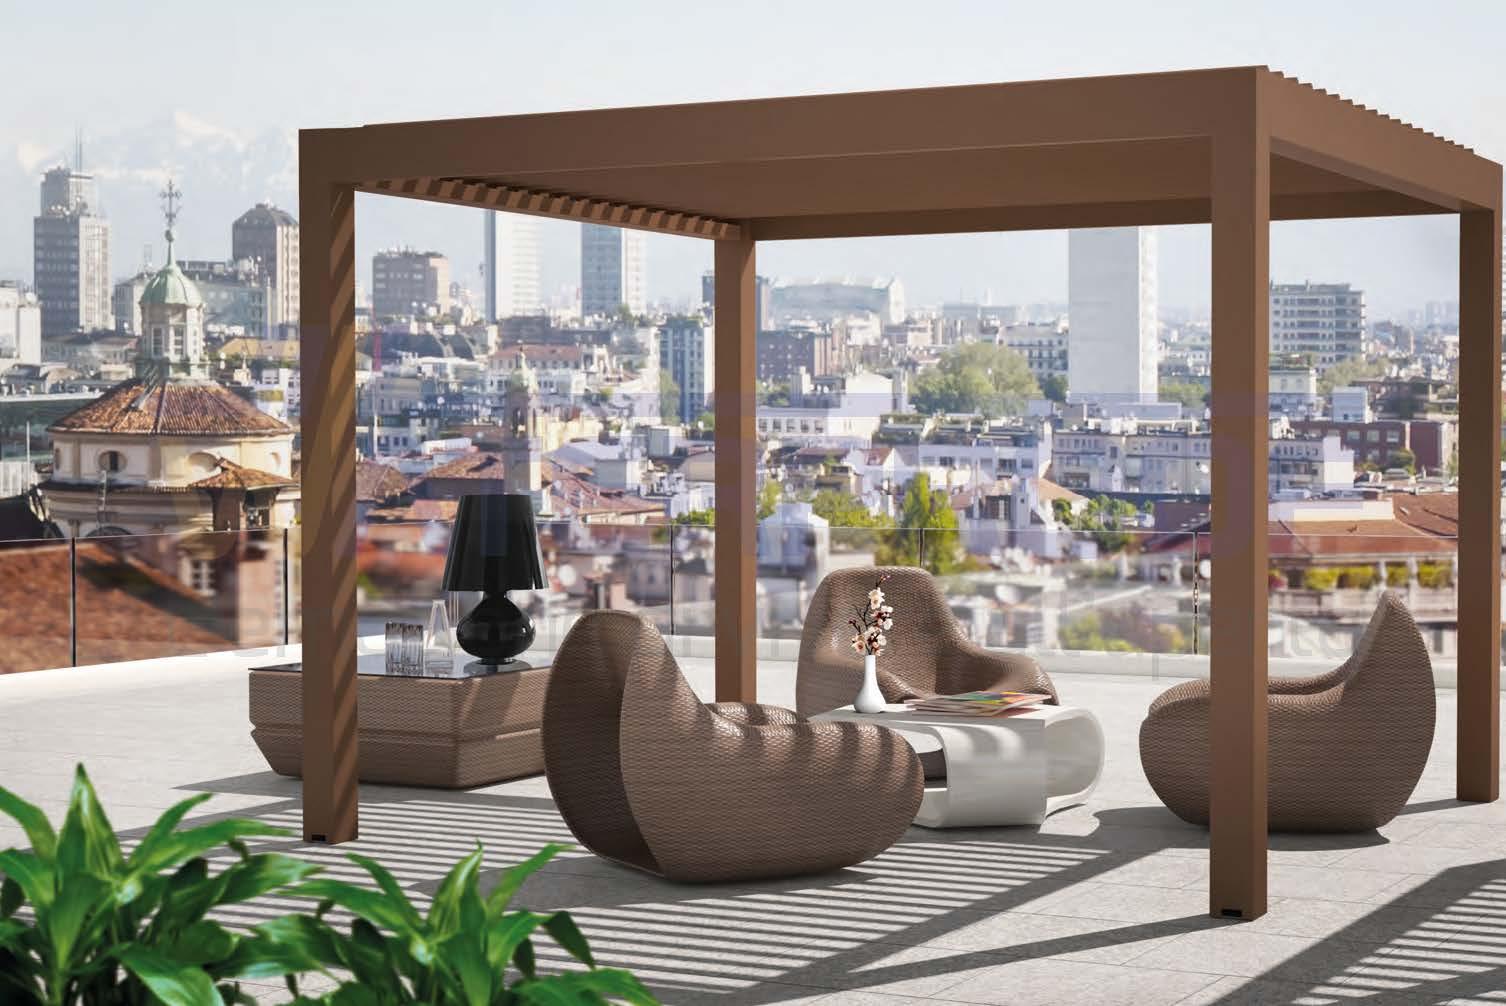 pergola bioclimatica color marrone in un terrazzo